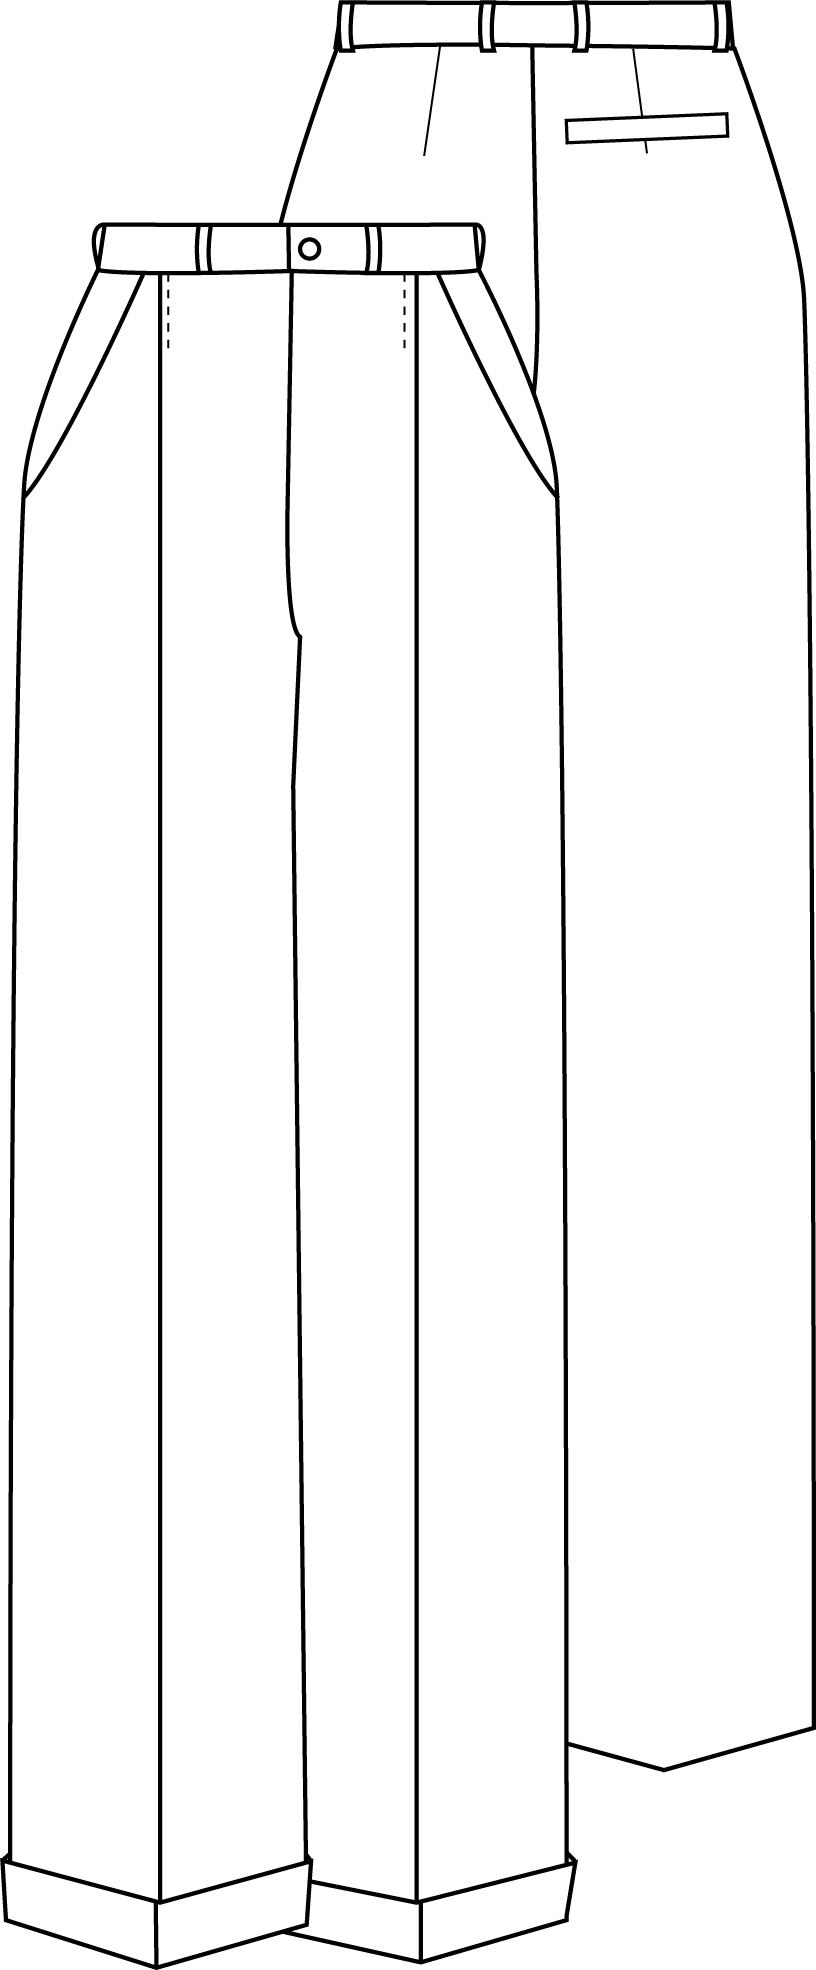 147db-arbejdstegninger_no14_v1.png